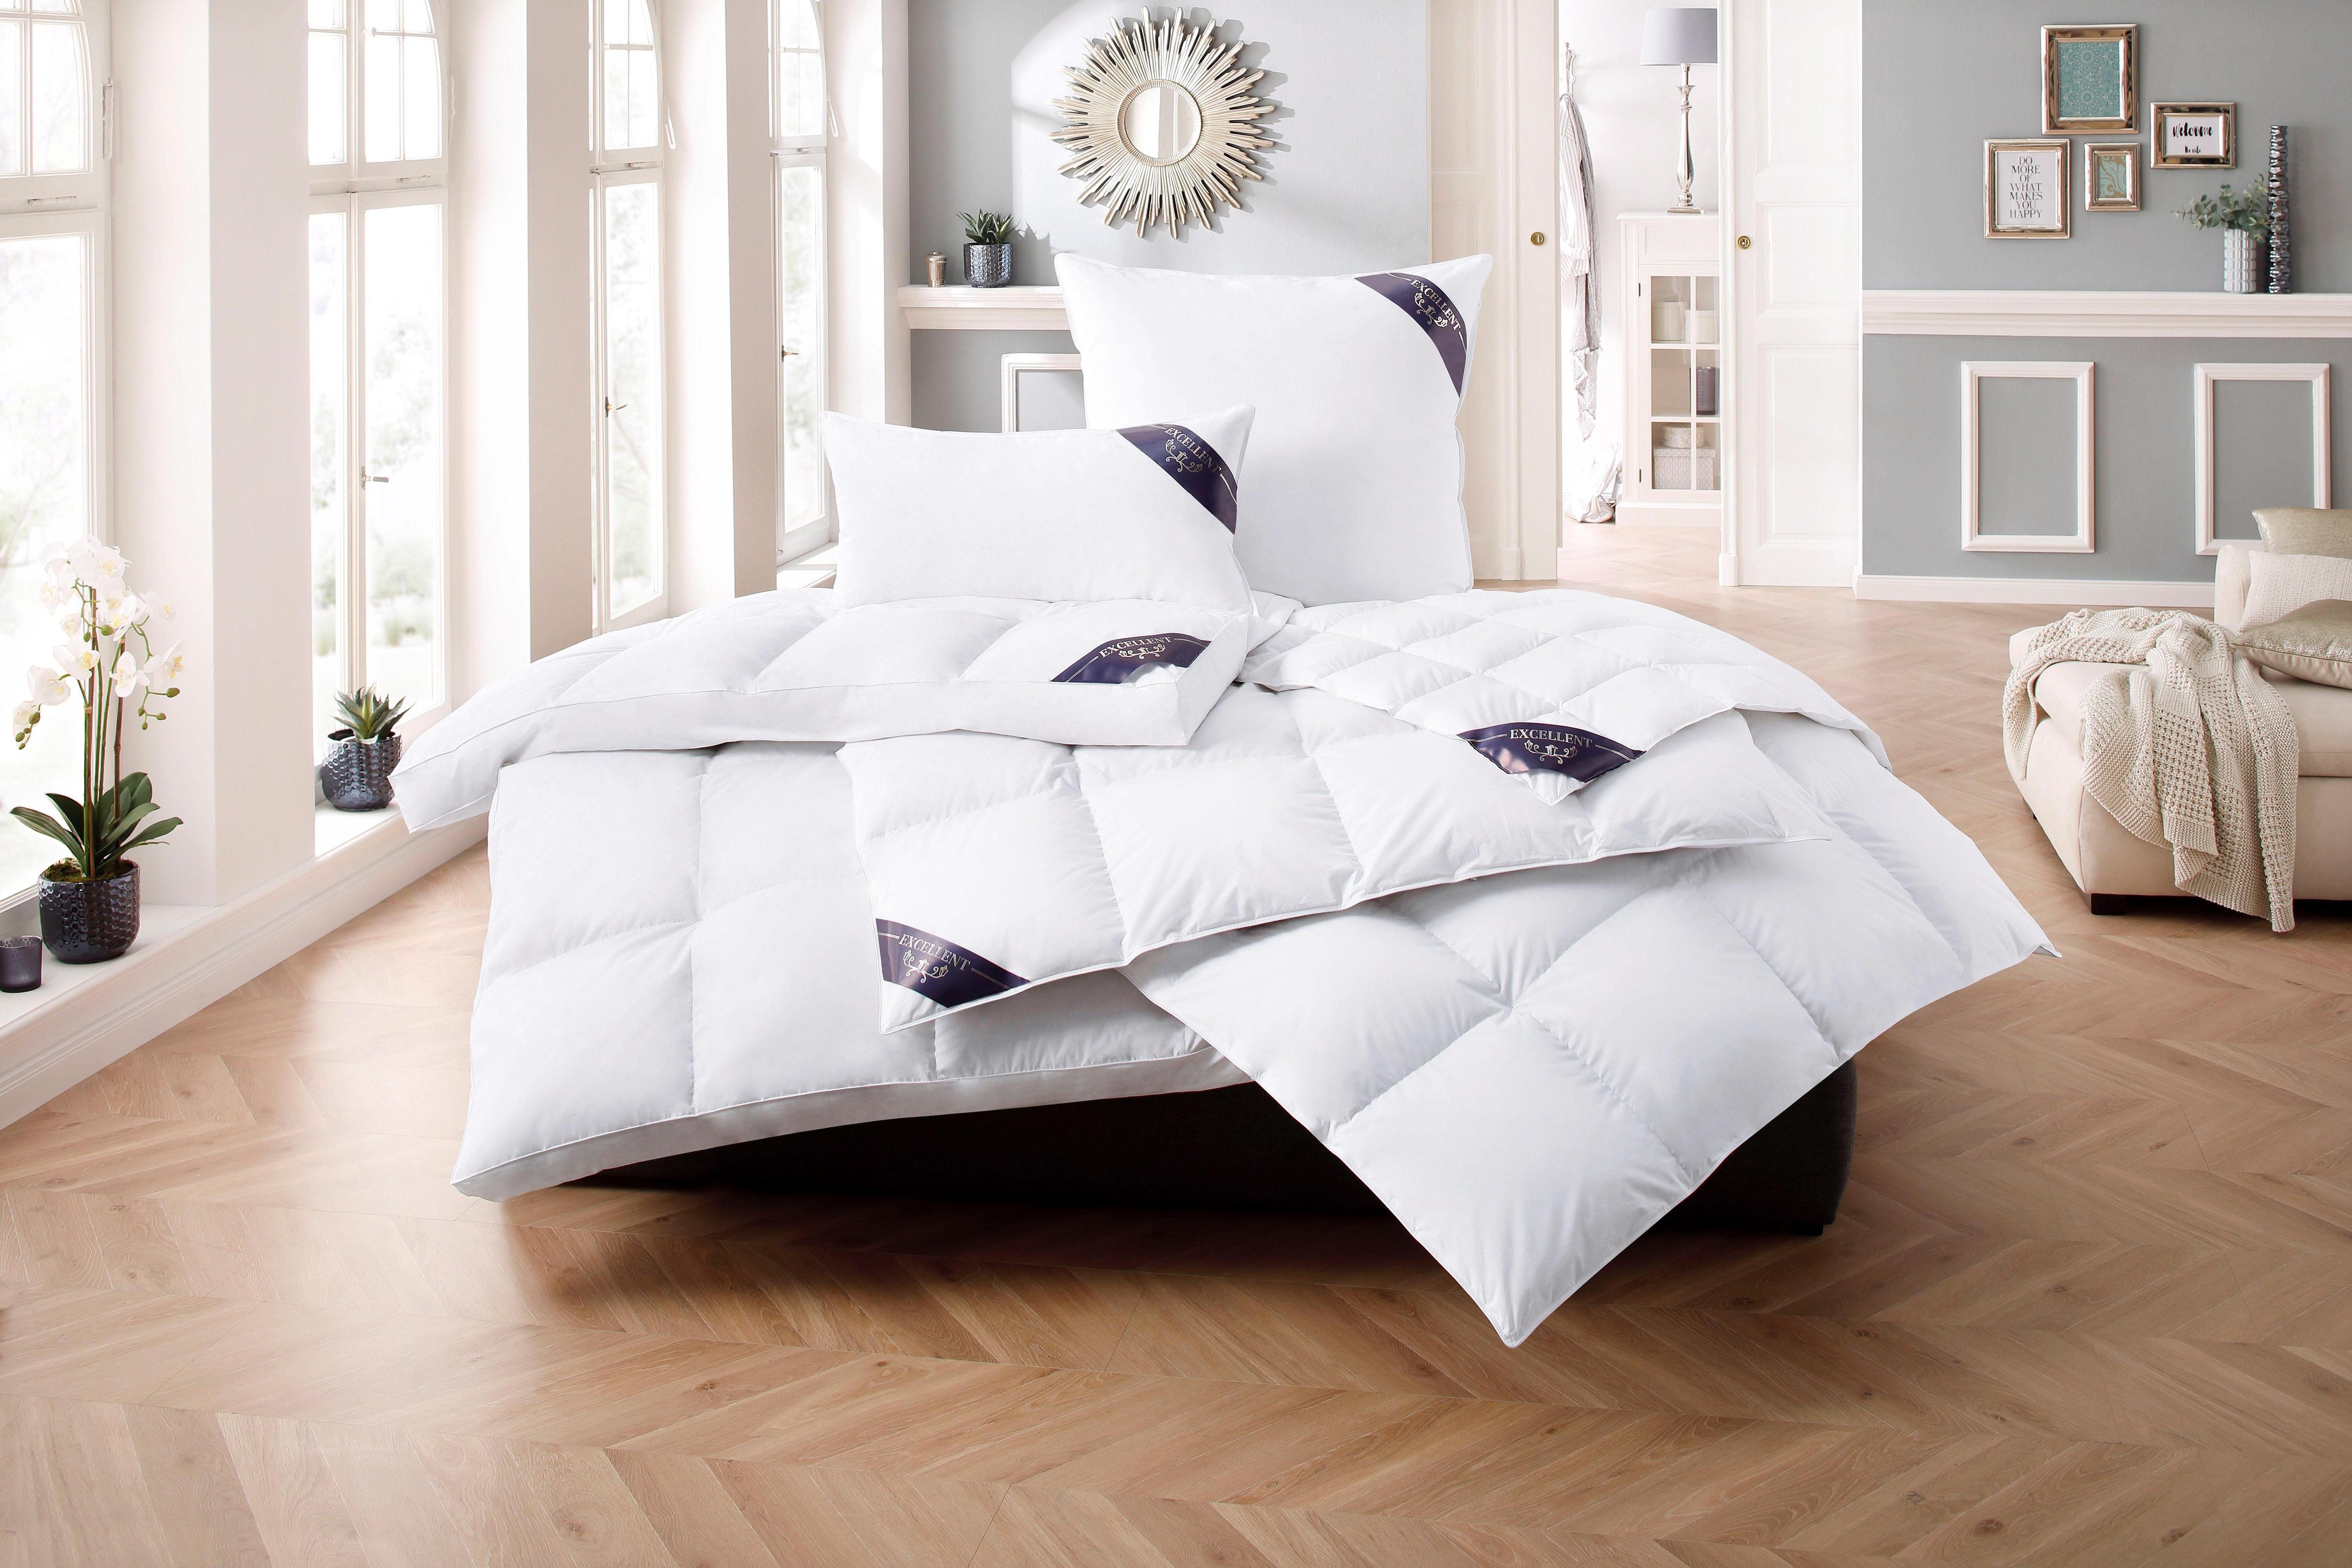 Daunenbettdecke Luxus Excellent normal Füllung: 80% Daunen 20% Federn Bezug: 100% Baumwolle